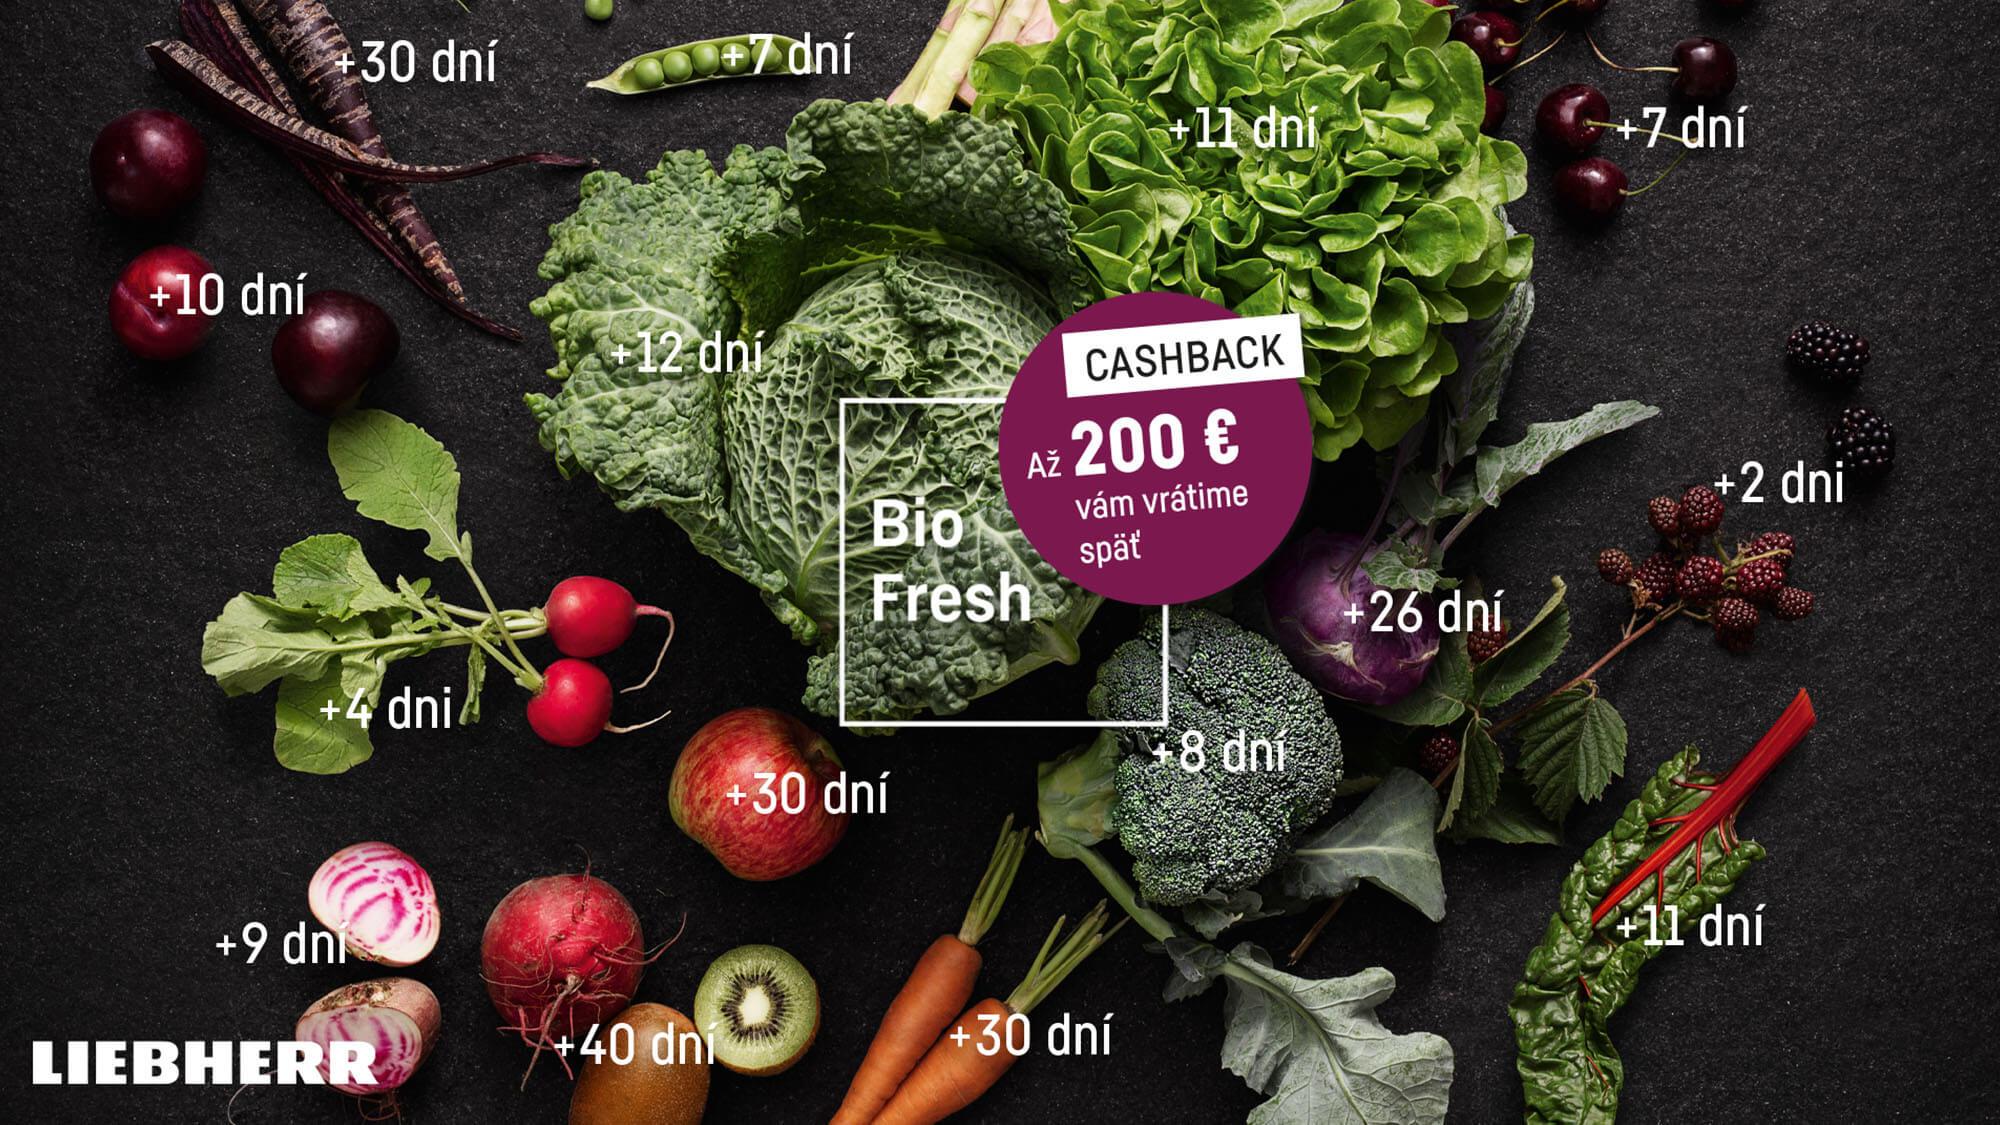 Cashback akcia liebherr BioFresh